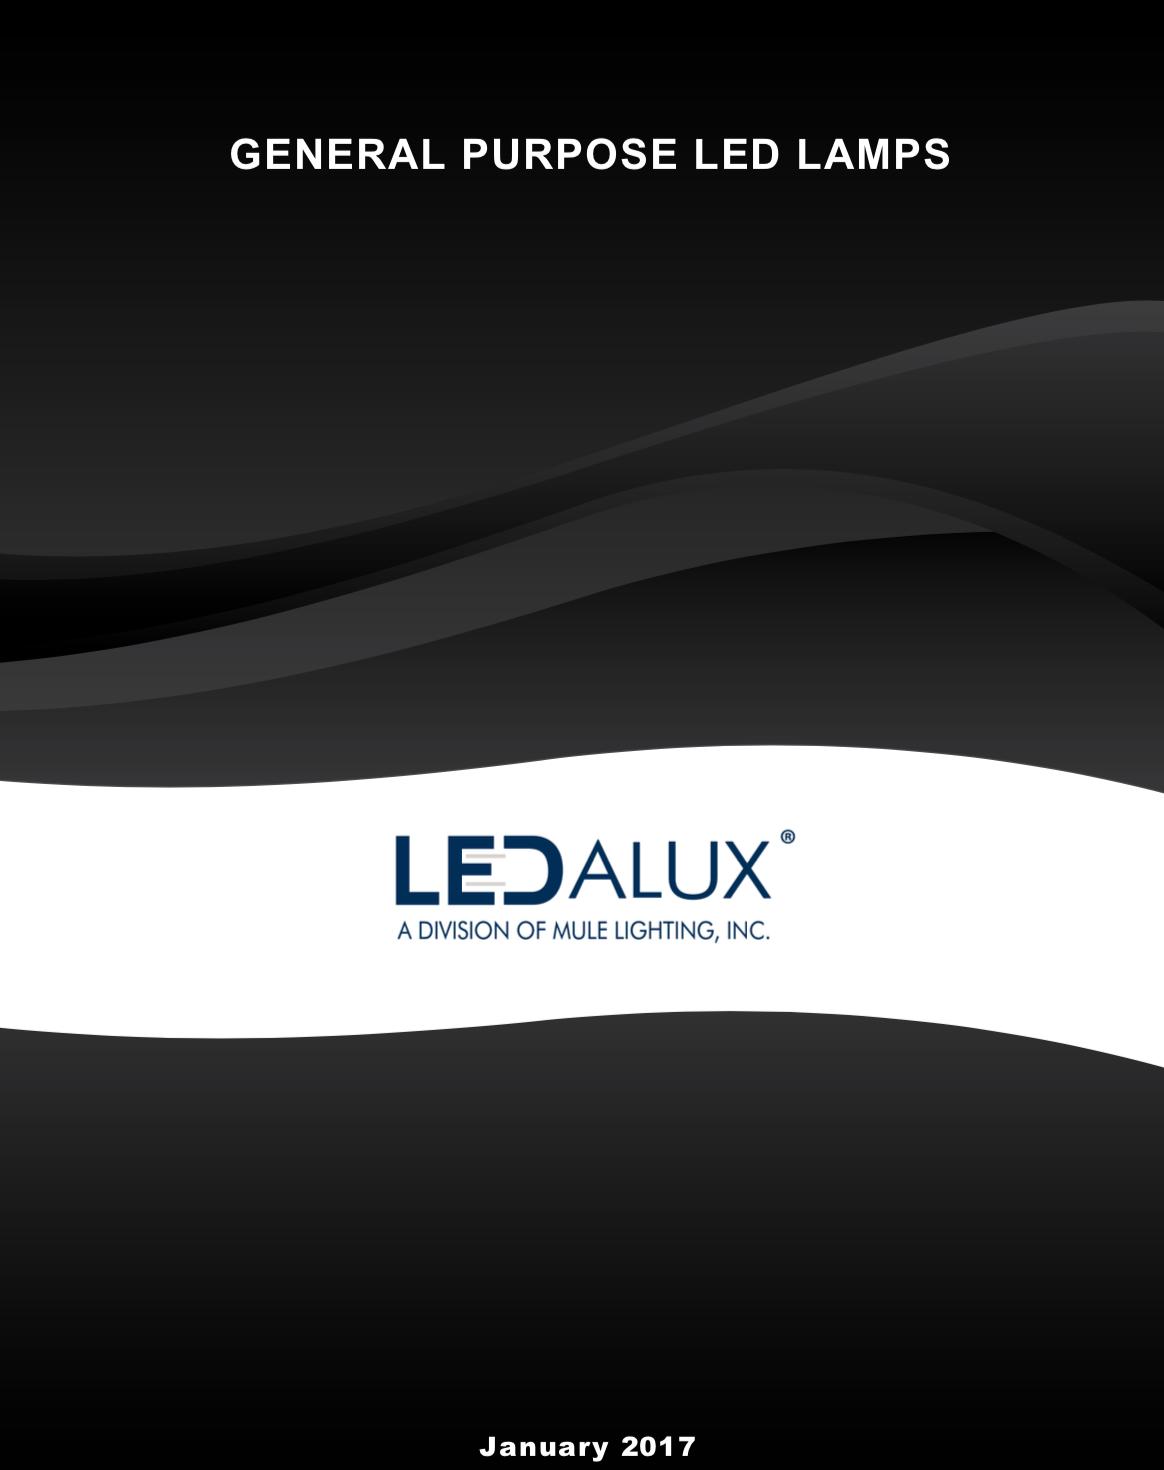 LEDalux LEDalux LED Lamp Catalog Literature